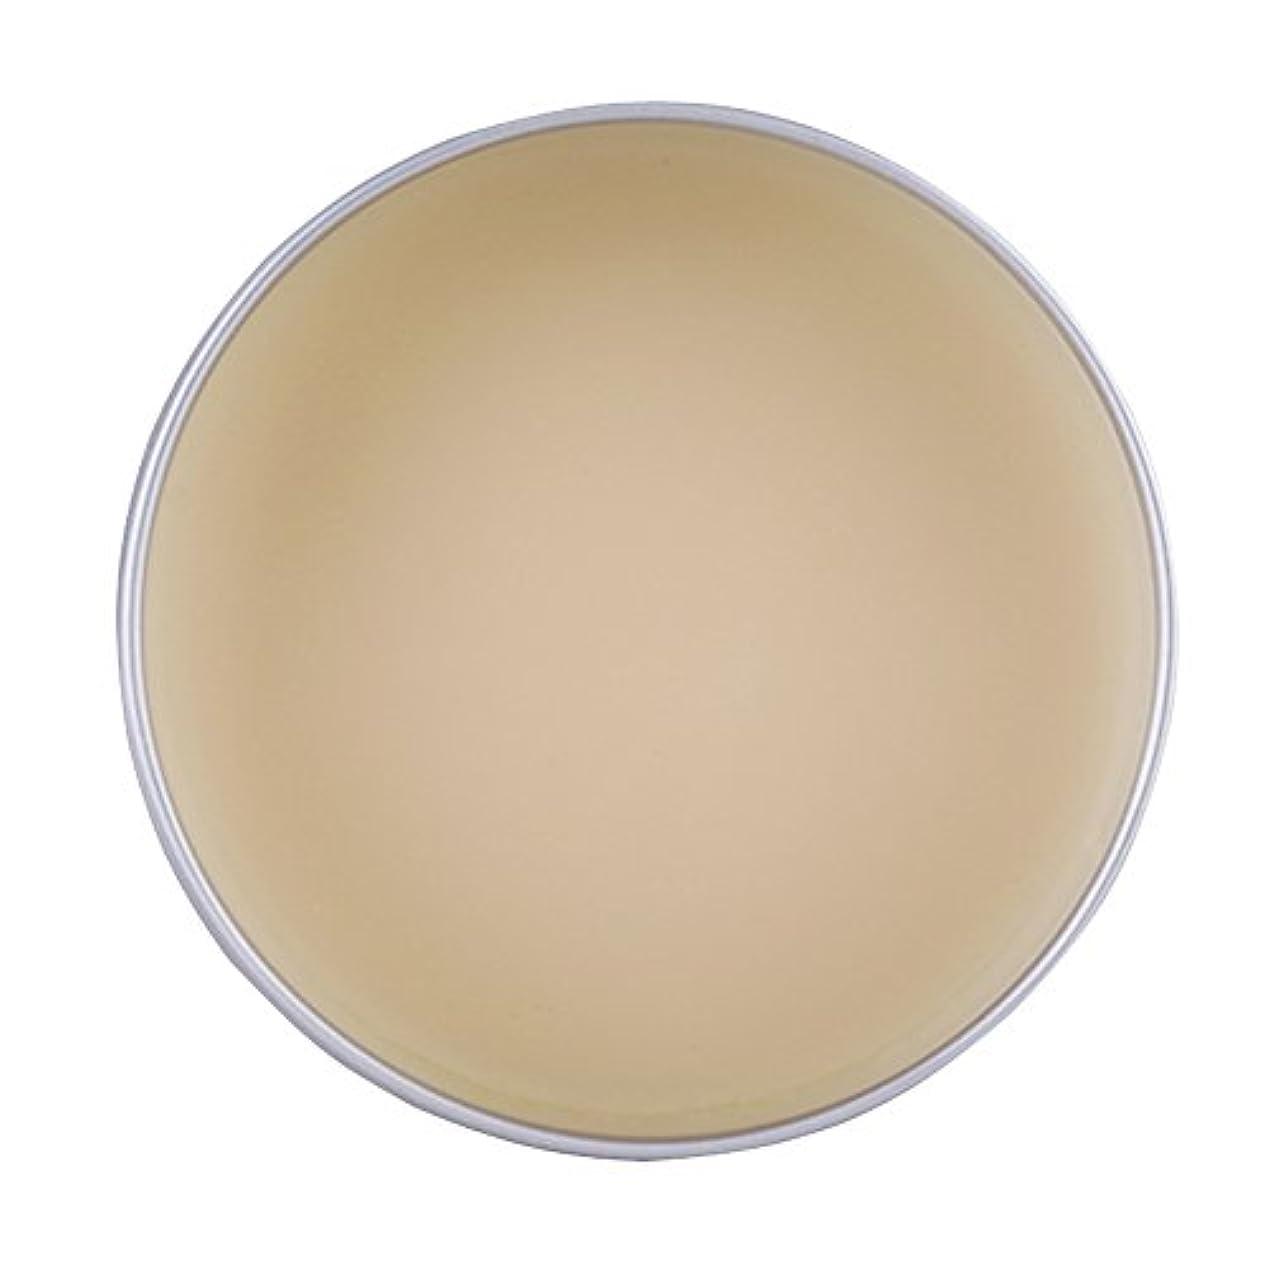 分析期間冷笑する5タイププロフェッショナル偽の創傷修復カバー瘢痕眉毛クリームワックスメイクアップ化粧品(2)